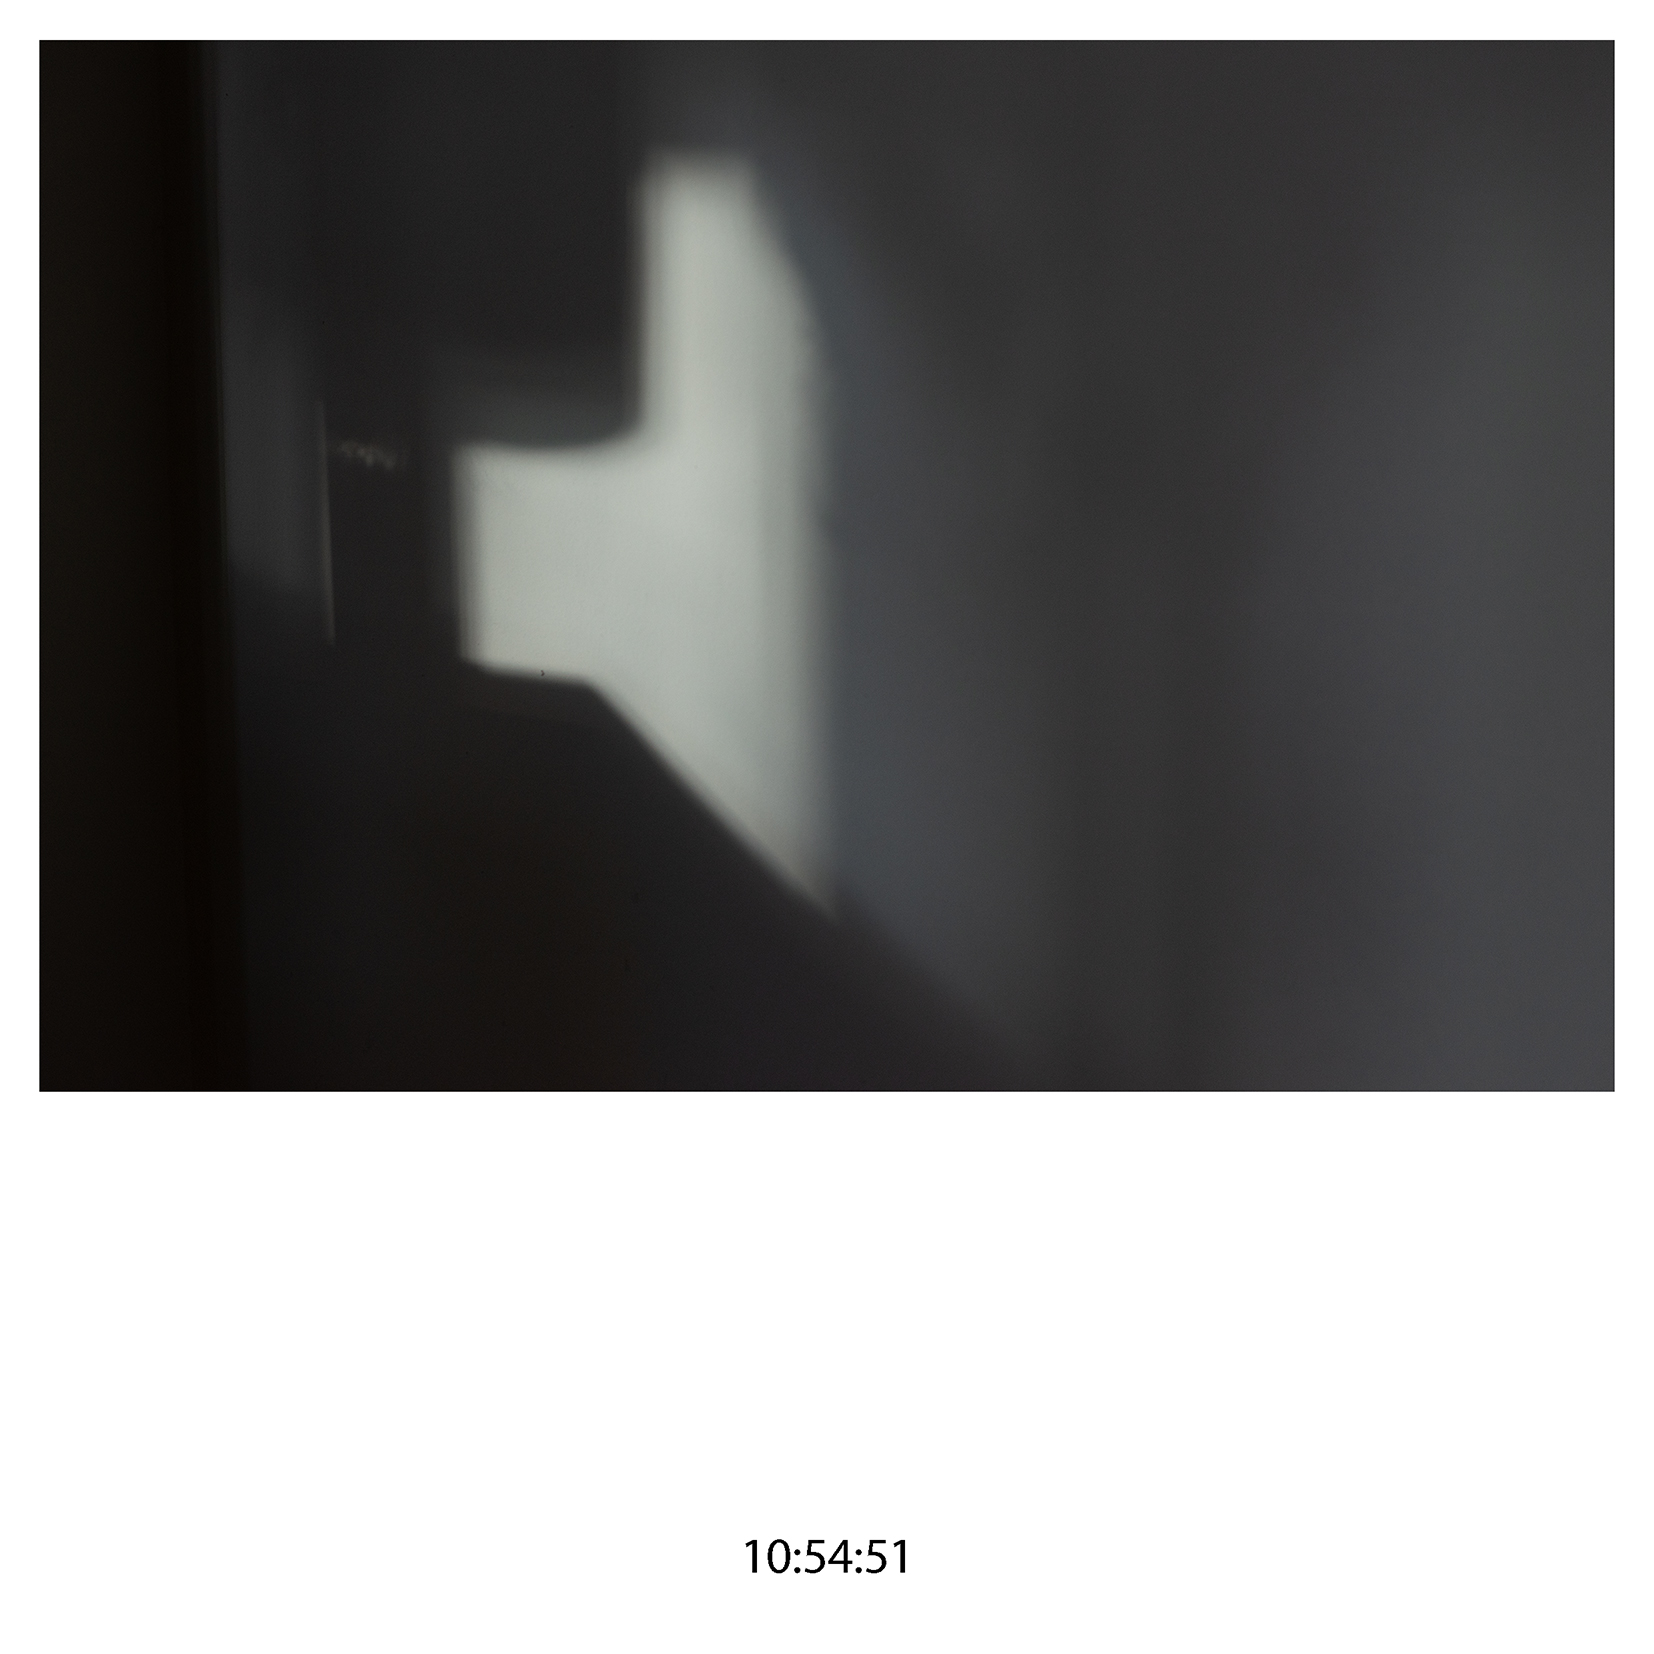 12_Sombras.jpg